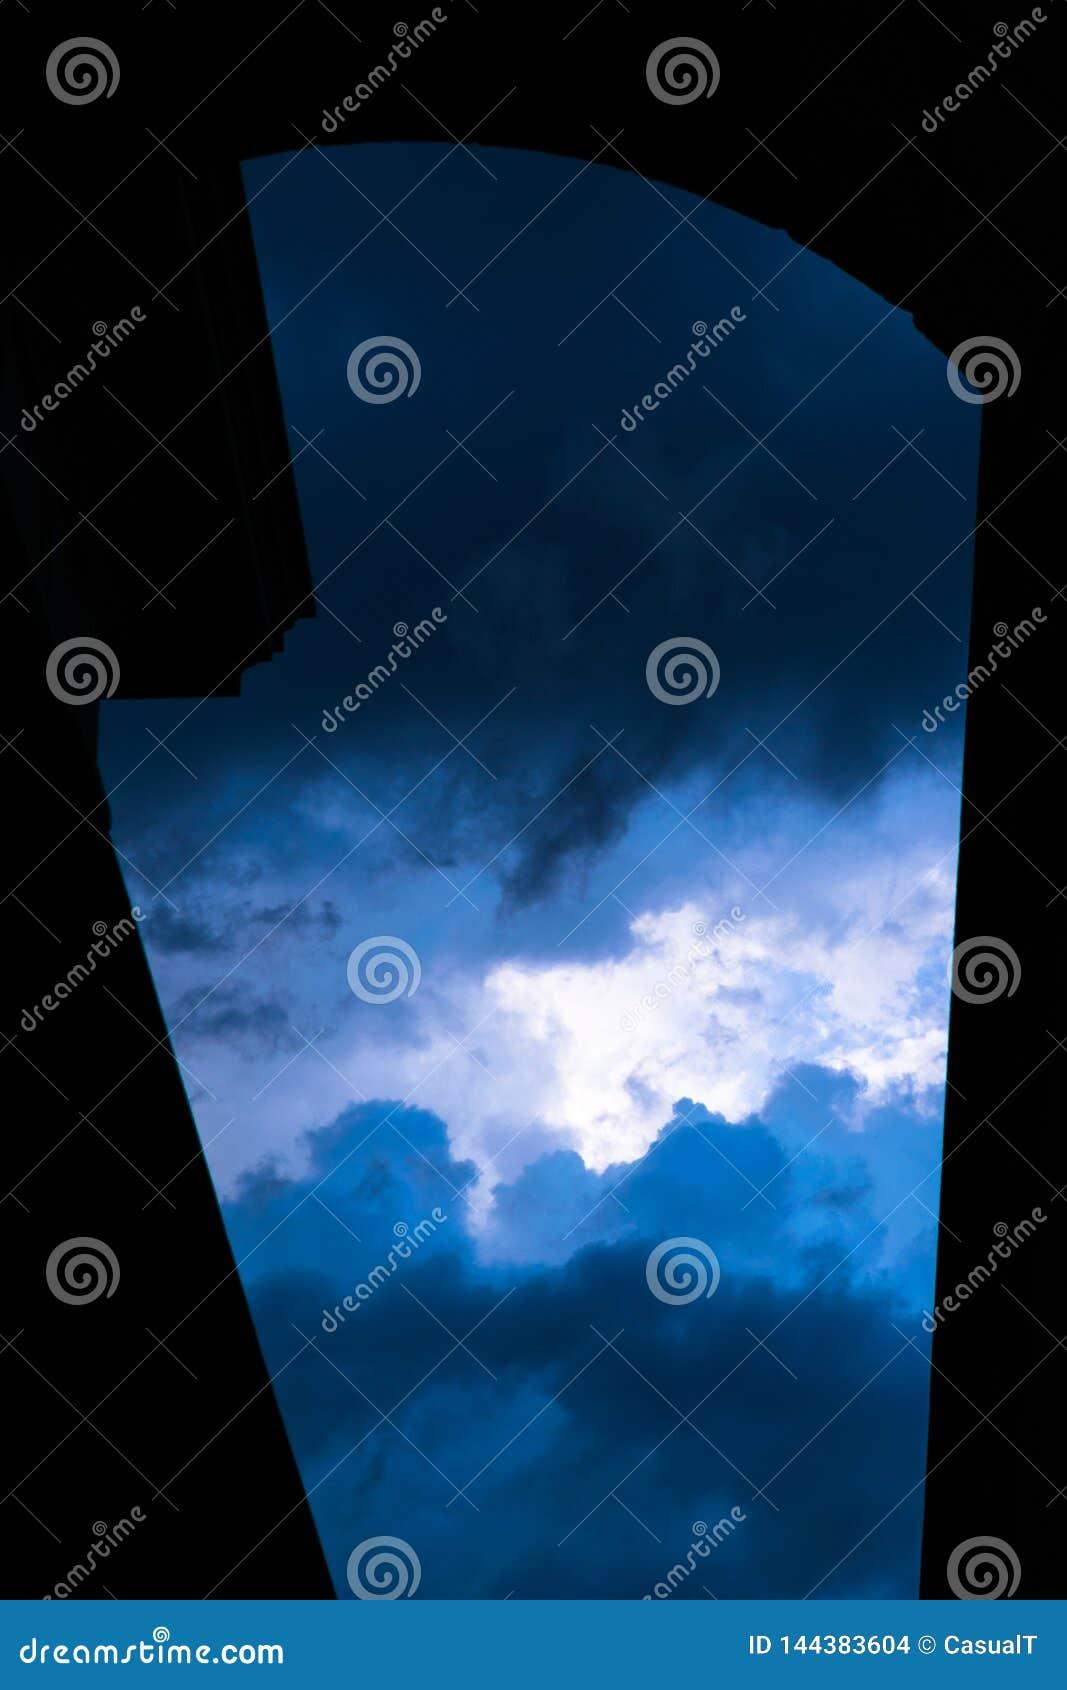 Di cielo drammatico, scuro e ripieno di nuvola incorniciato da una siluetta architettonica, Manhattan, New York, NY